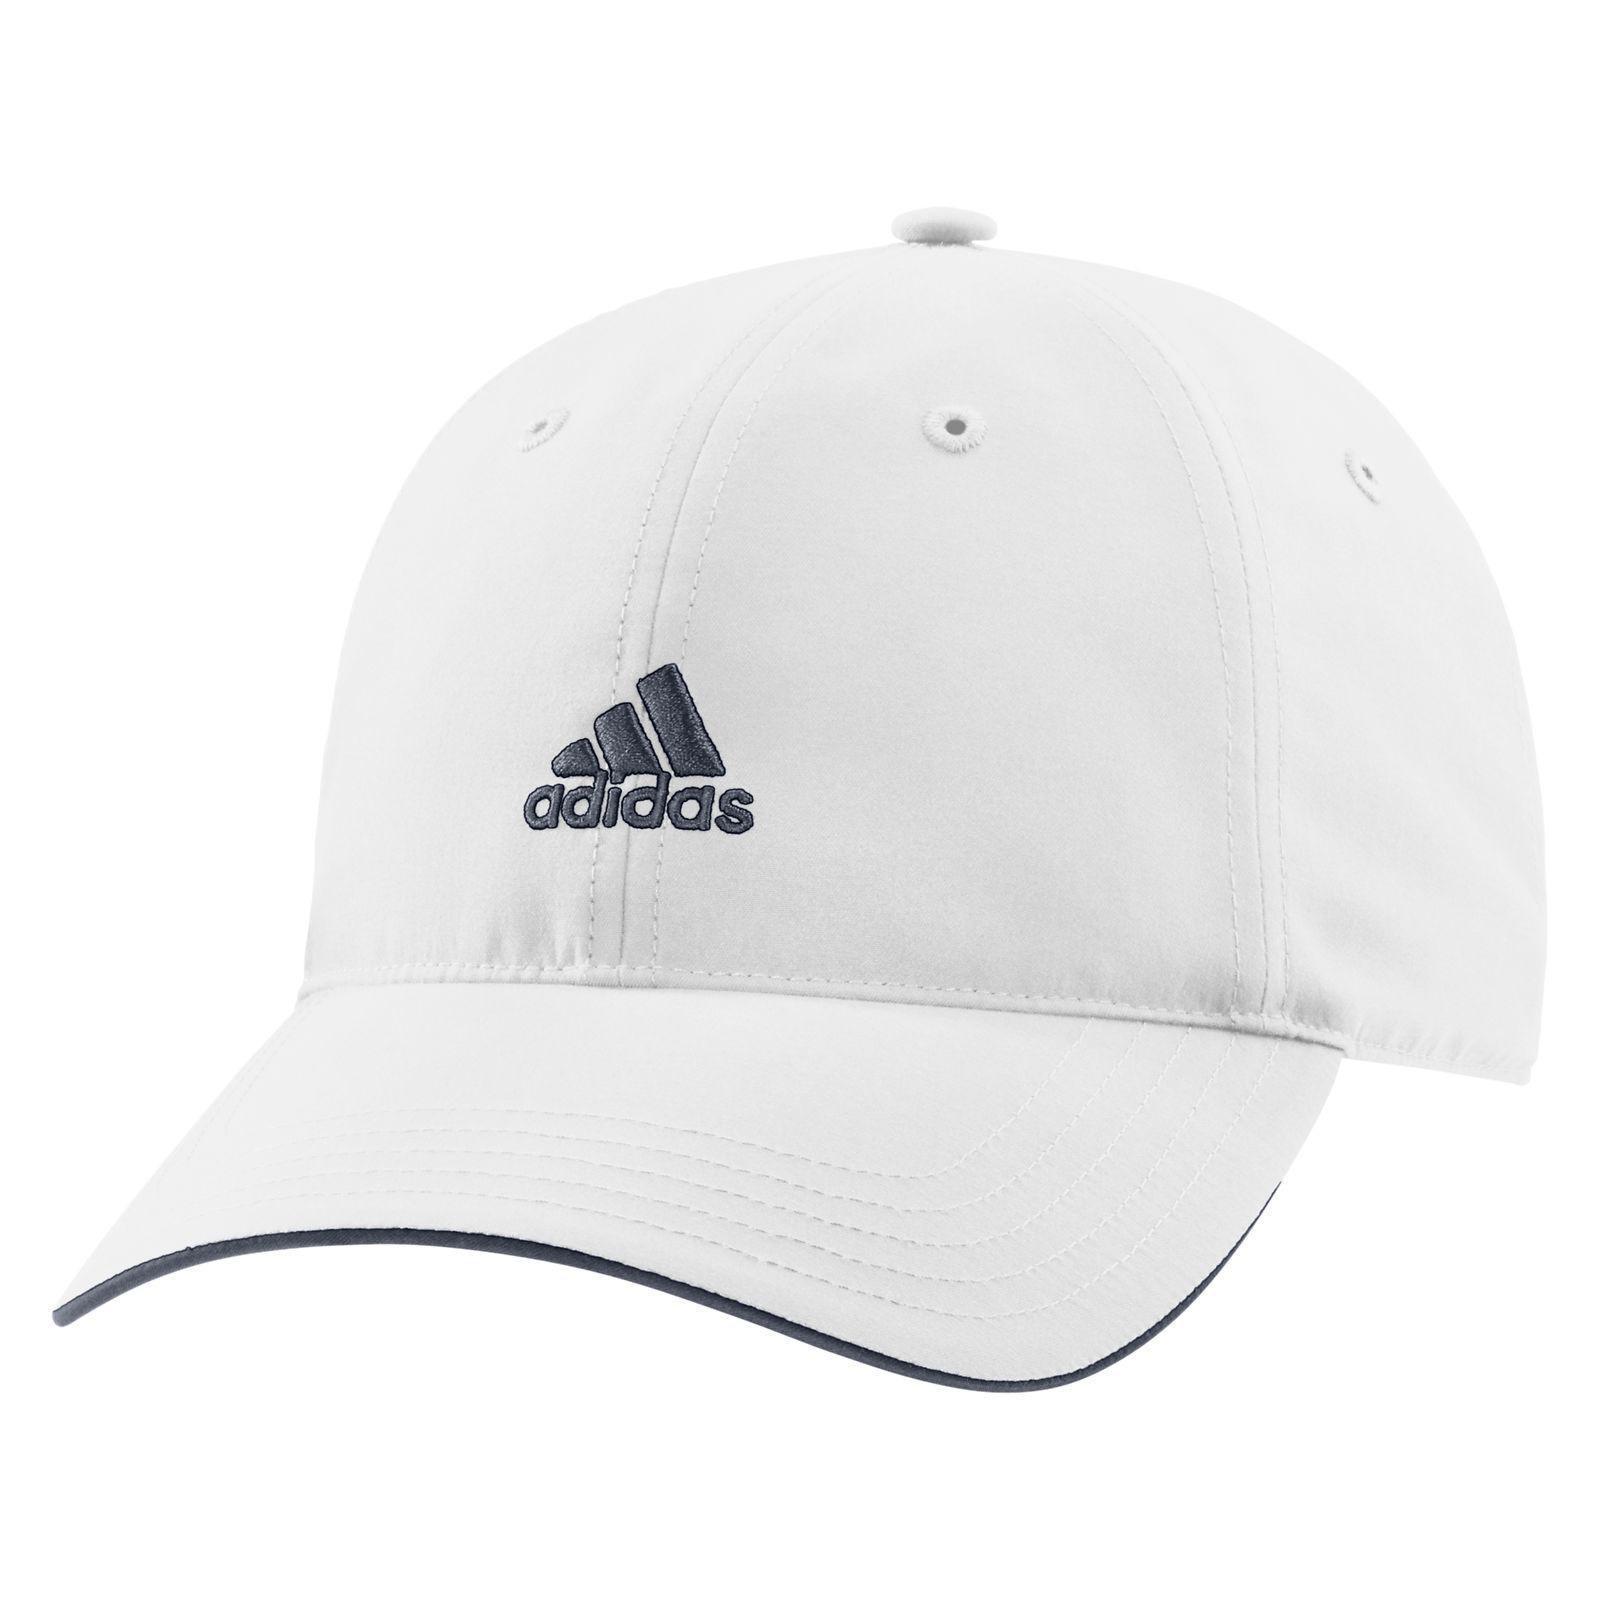 Adidas Essentials Cap WhiteNavy